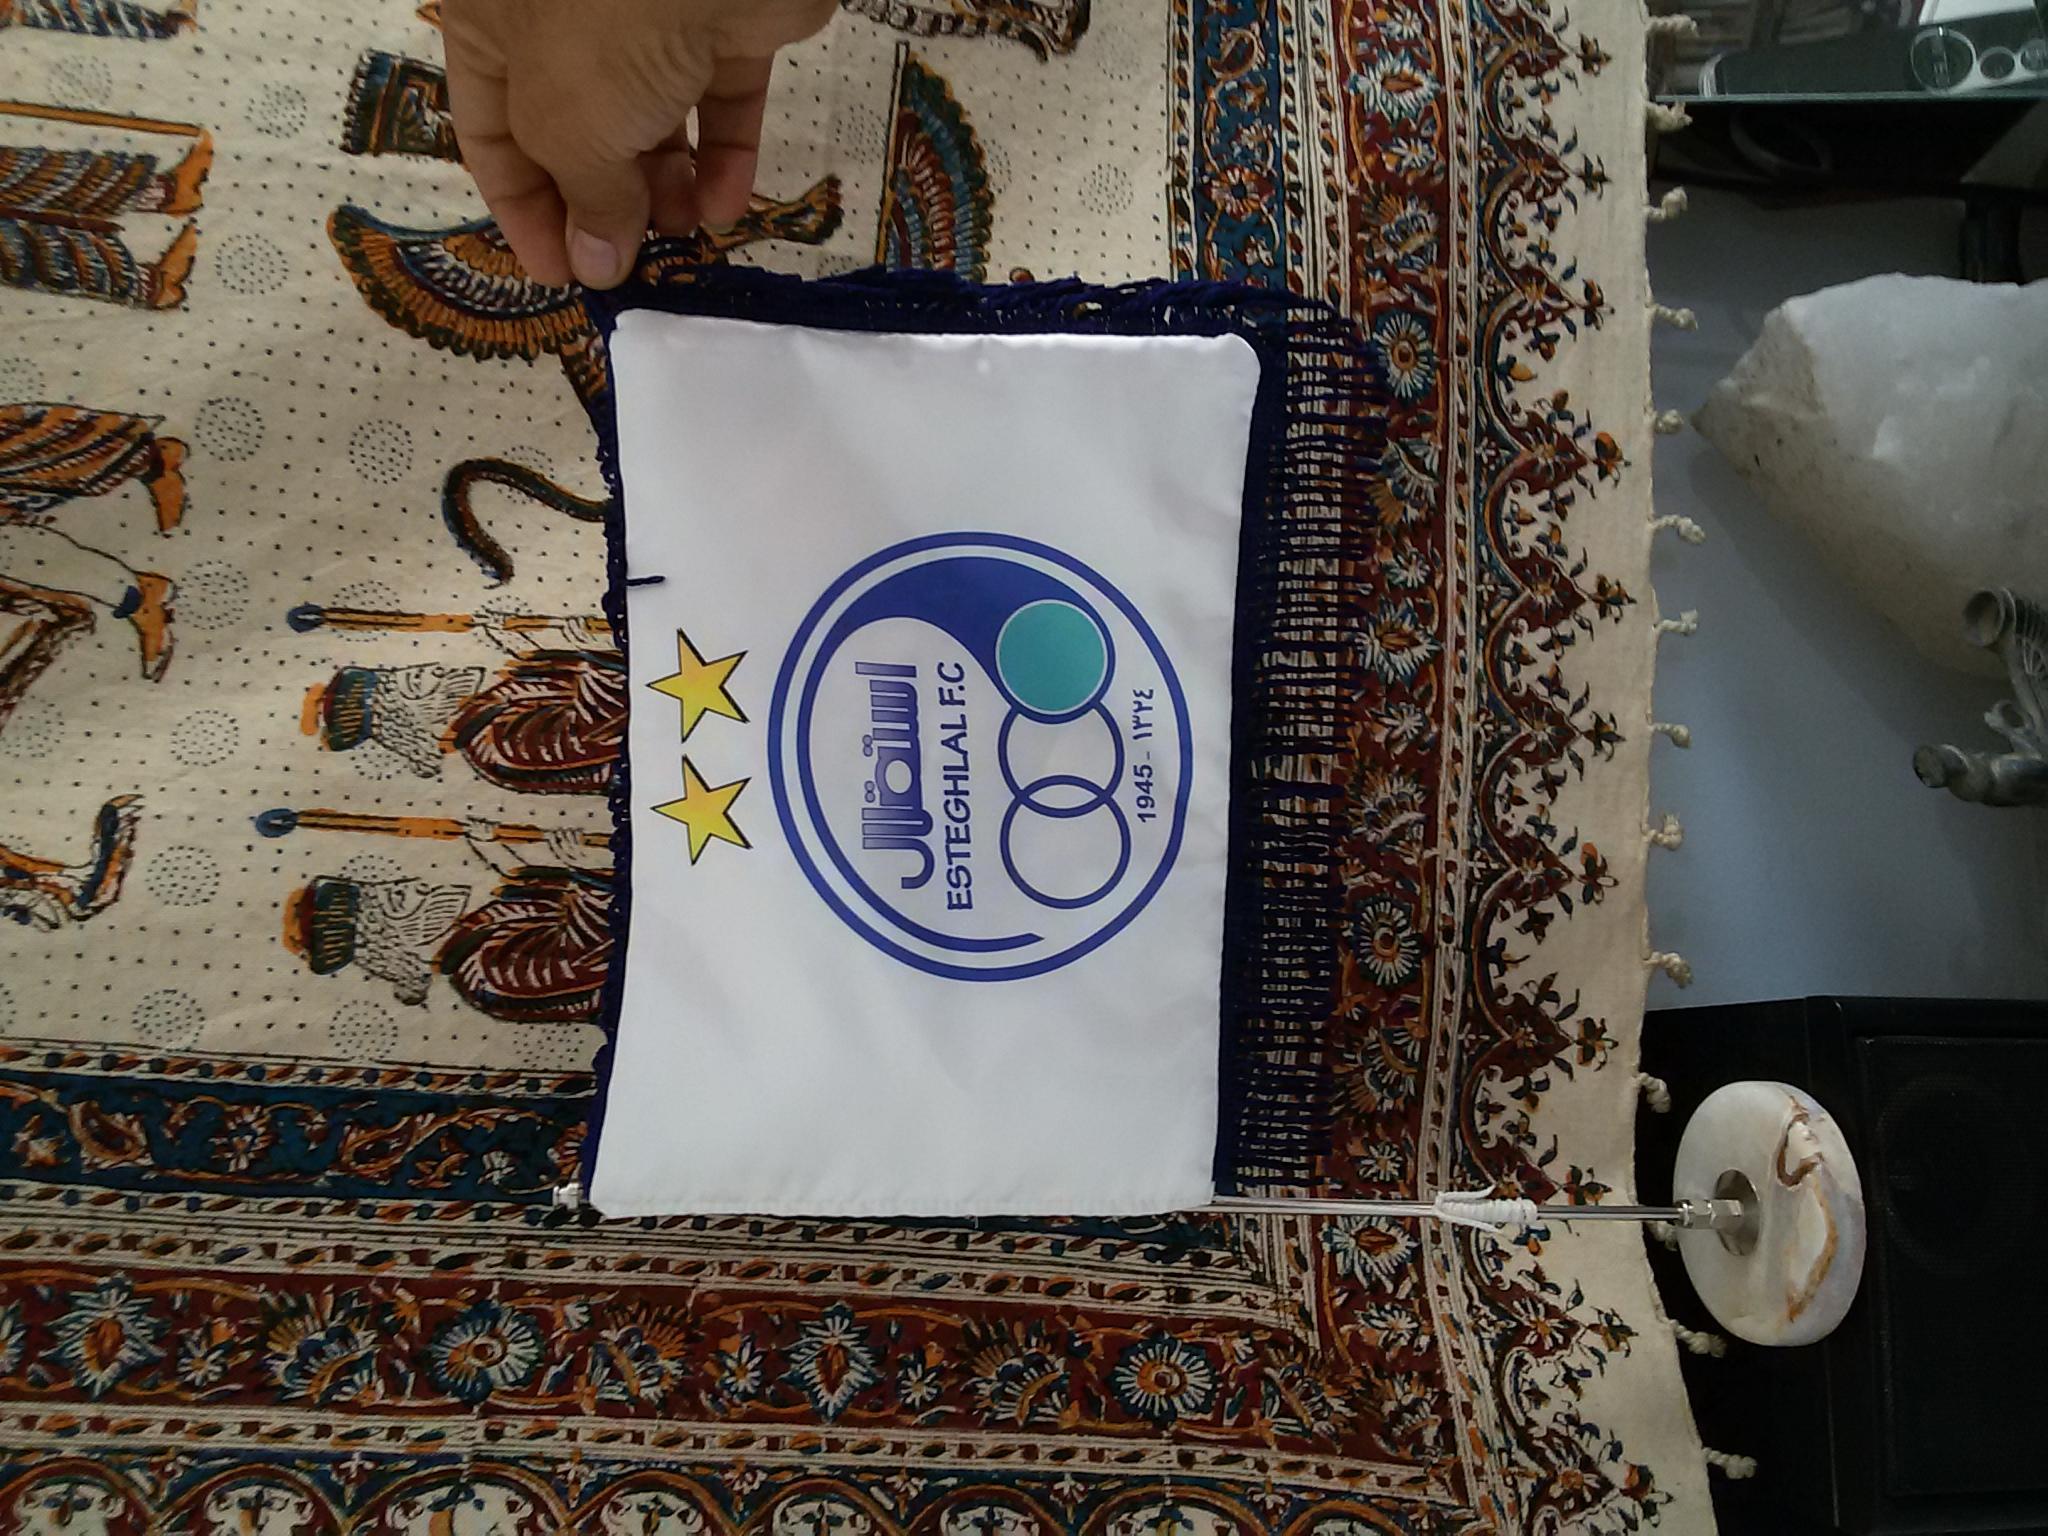 پرچم رومیزی استقلال با دو ستاره